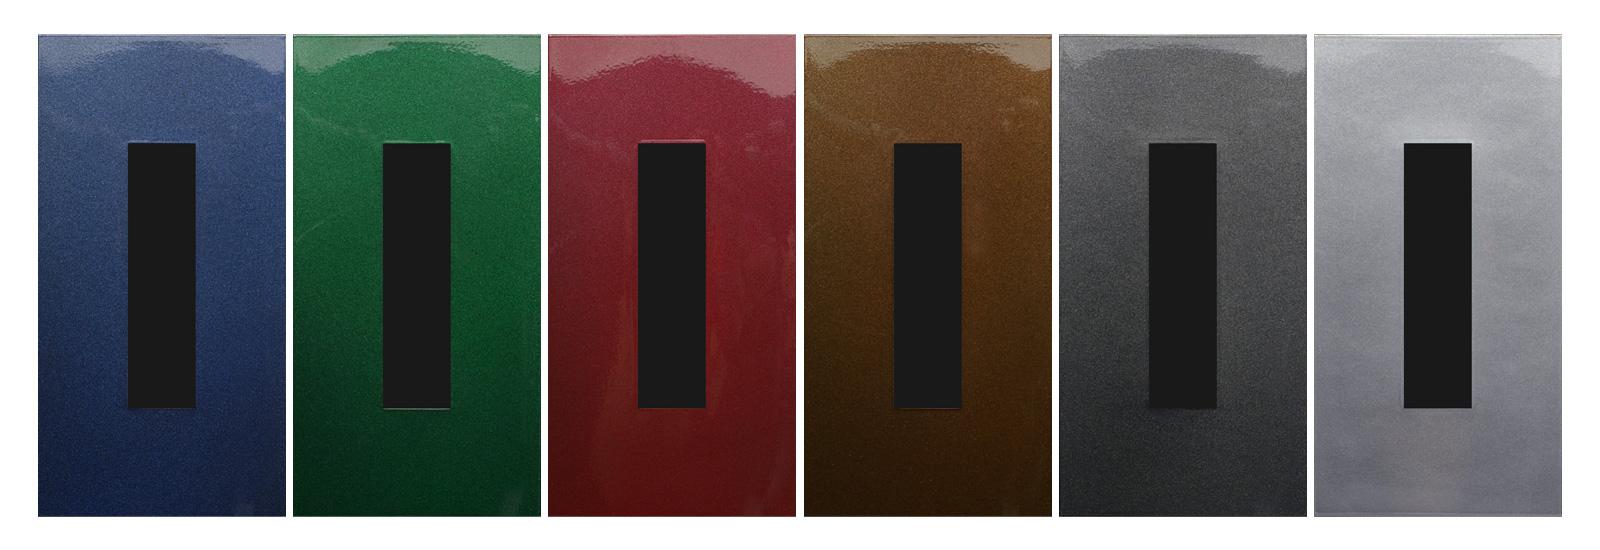 日本全国、送料無料。6色から選べる、シンプルな形のティッシュケース。ティッシュボックス ティッシュBOX ティッシュカバー ティッシュ ケース ボックス おしゃれ 雑貨 タツクラフト ティッシュケース ( ティッシュボックス ) メタリック【北海道から沖縄まで、日本全国 送料無料】全6色 日本製 シンプルなスクエアタイプ プラスチック(ABS樹脂)に、紀州漆器の塗り職人によるウレタン塗装 底板付き 橋本達之助工芸